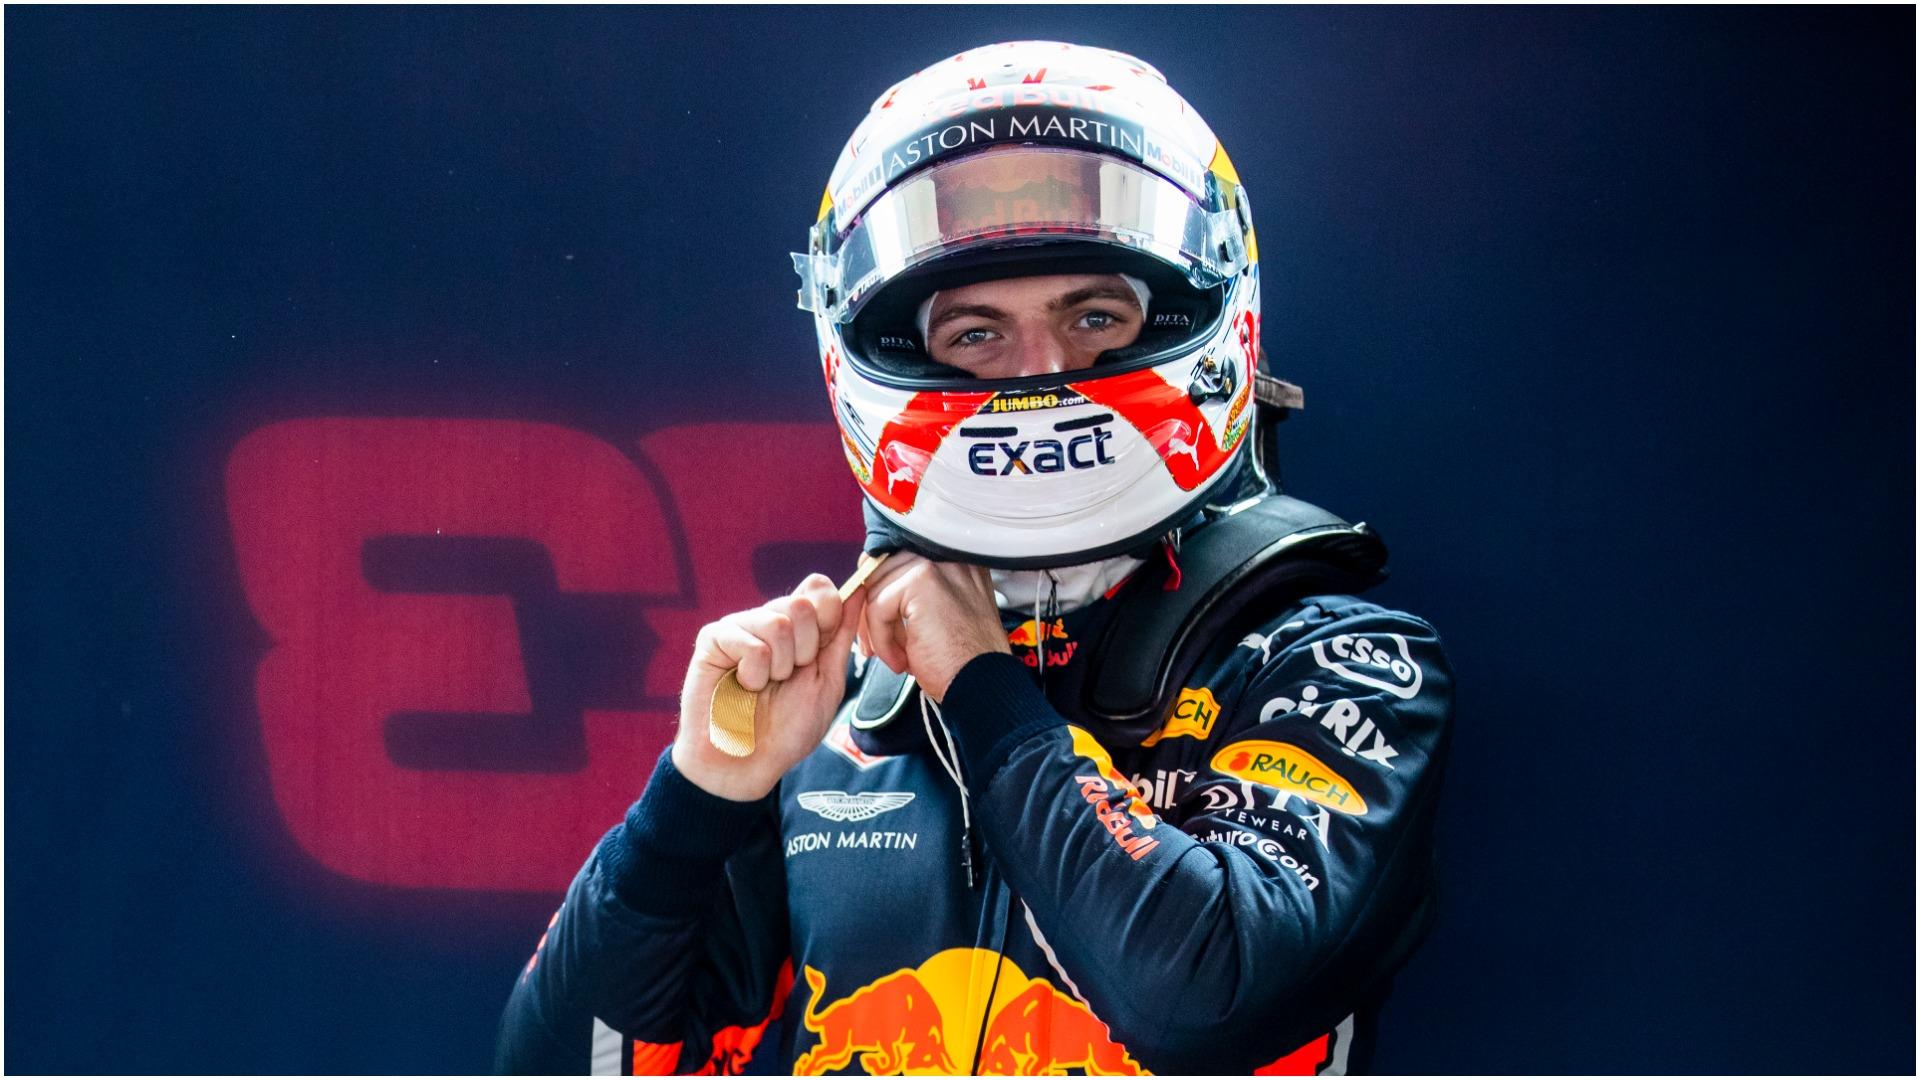 Verstappen not getting carried away after Aus GP podium